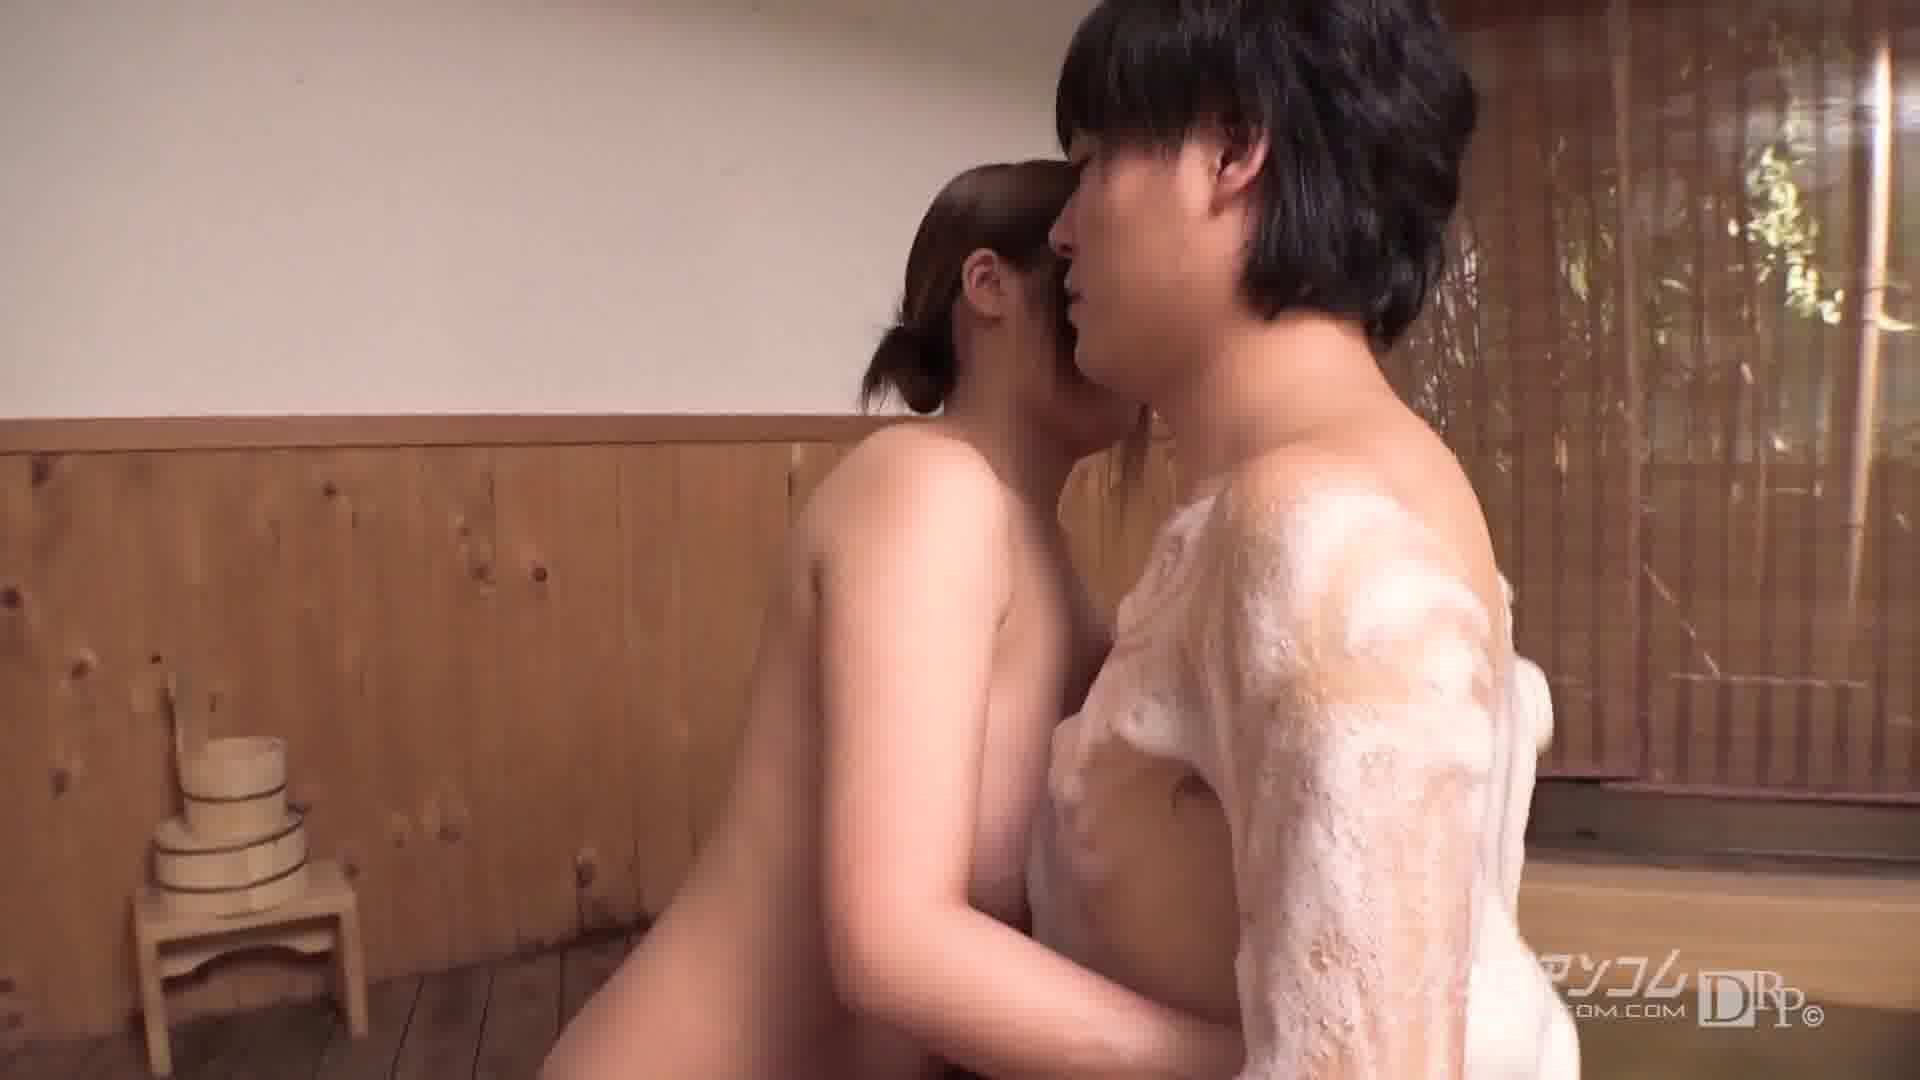 洗練された大人のいやし亭 ~アナル舐めと手コキの極上おもてなし~ - 美涼りな【パイズリ・浴衣・クンニ】